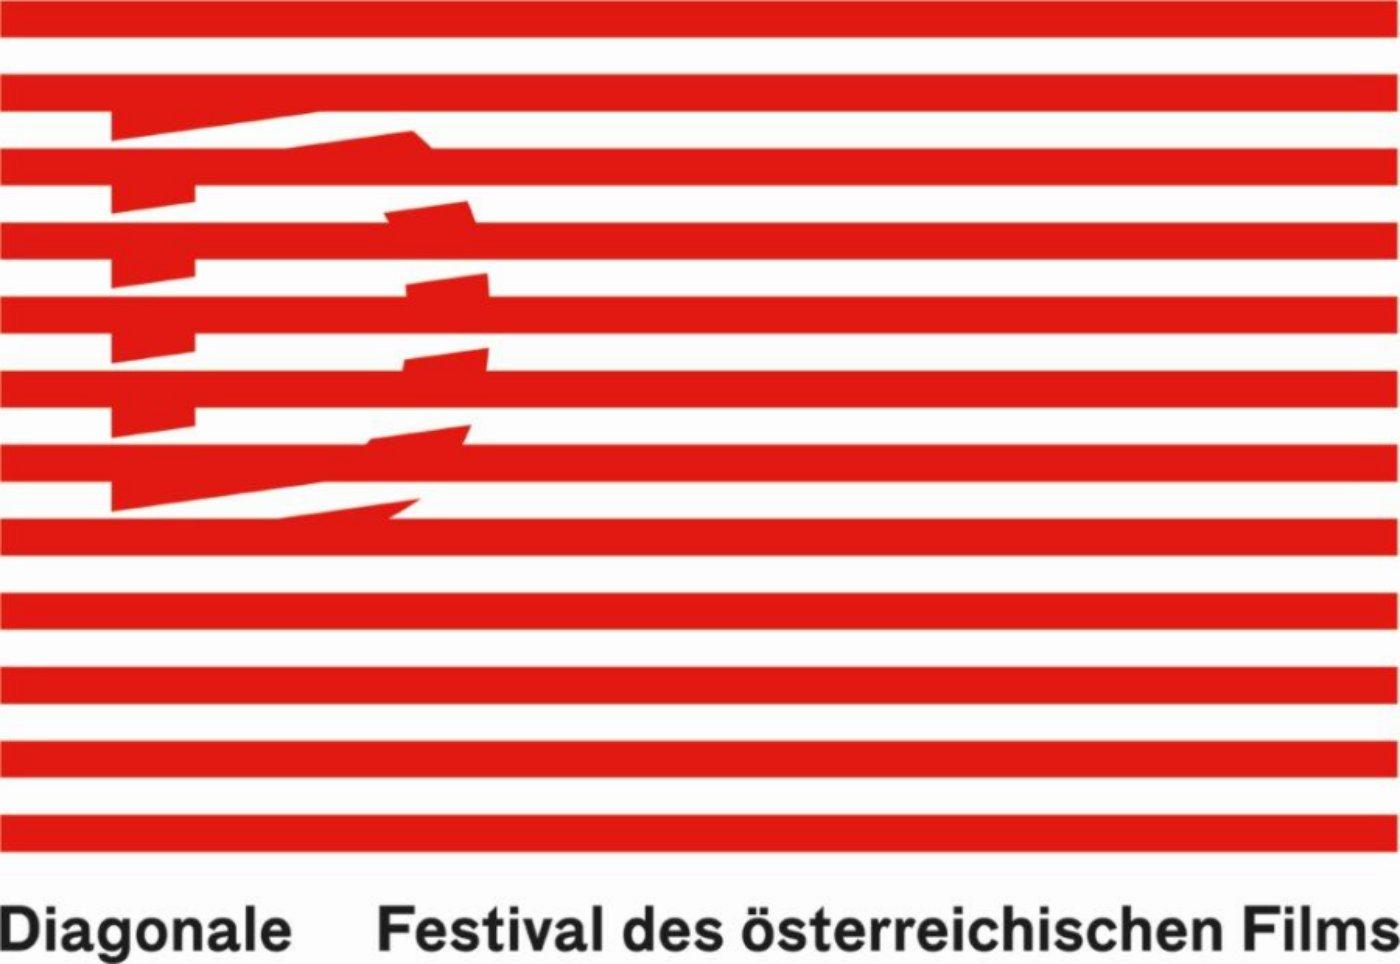 la-diagonale-2020-annullata-per-decreto-ufficiale-cinema-austriaco